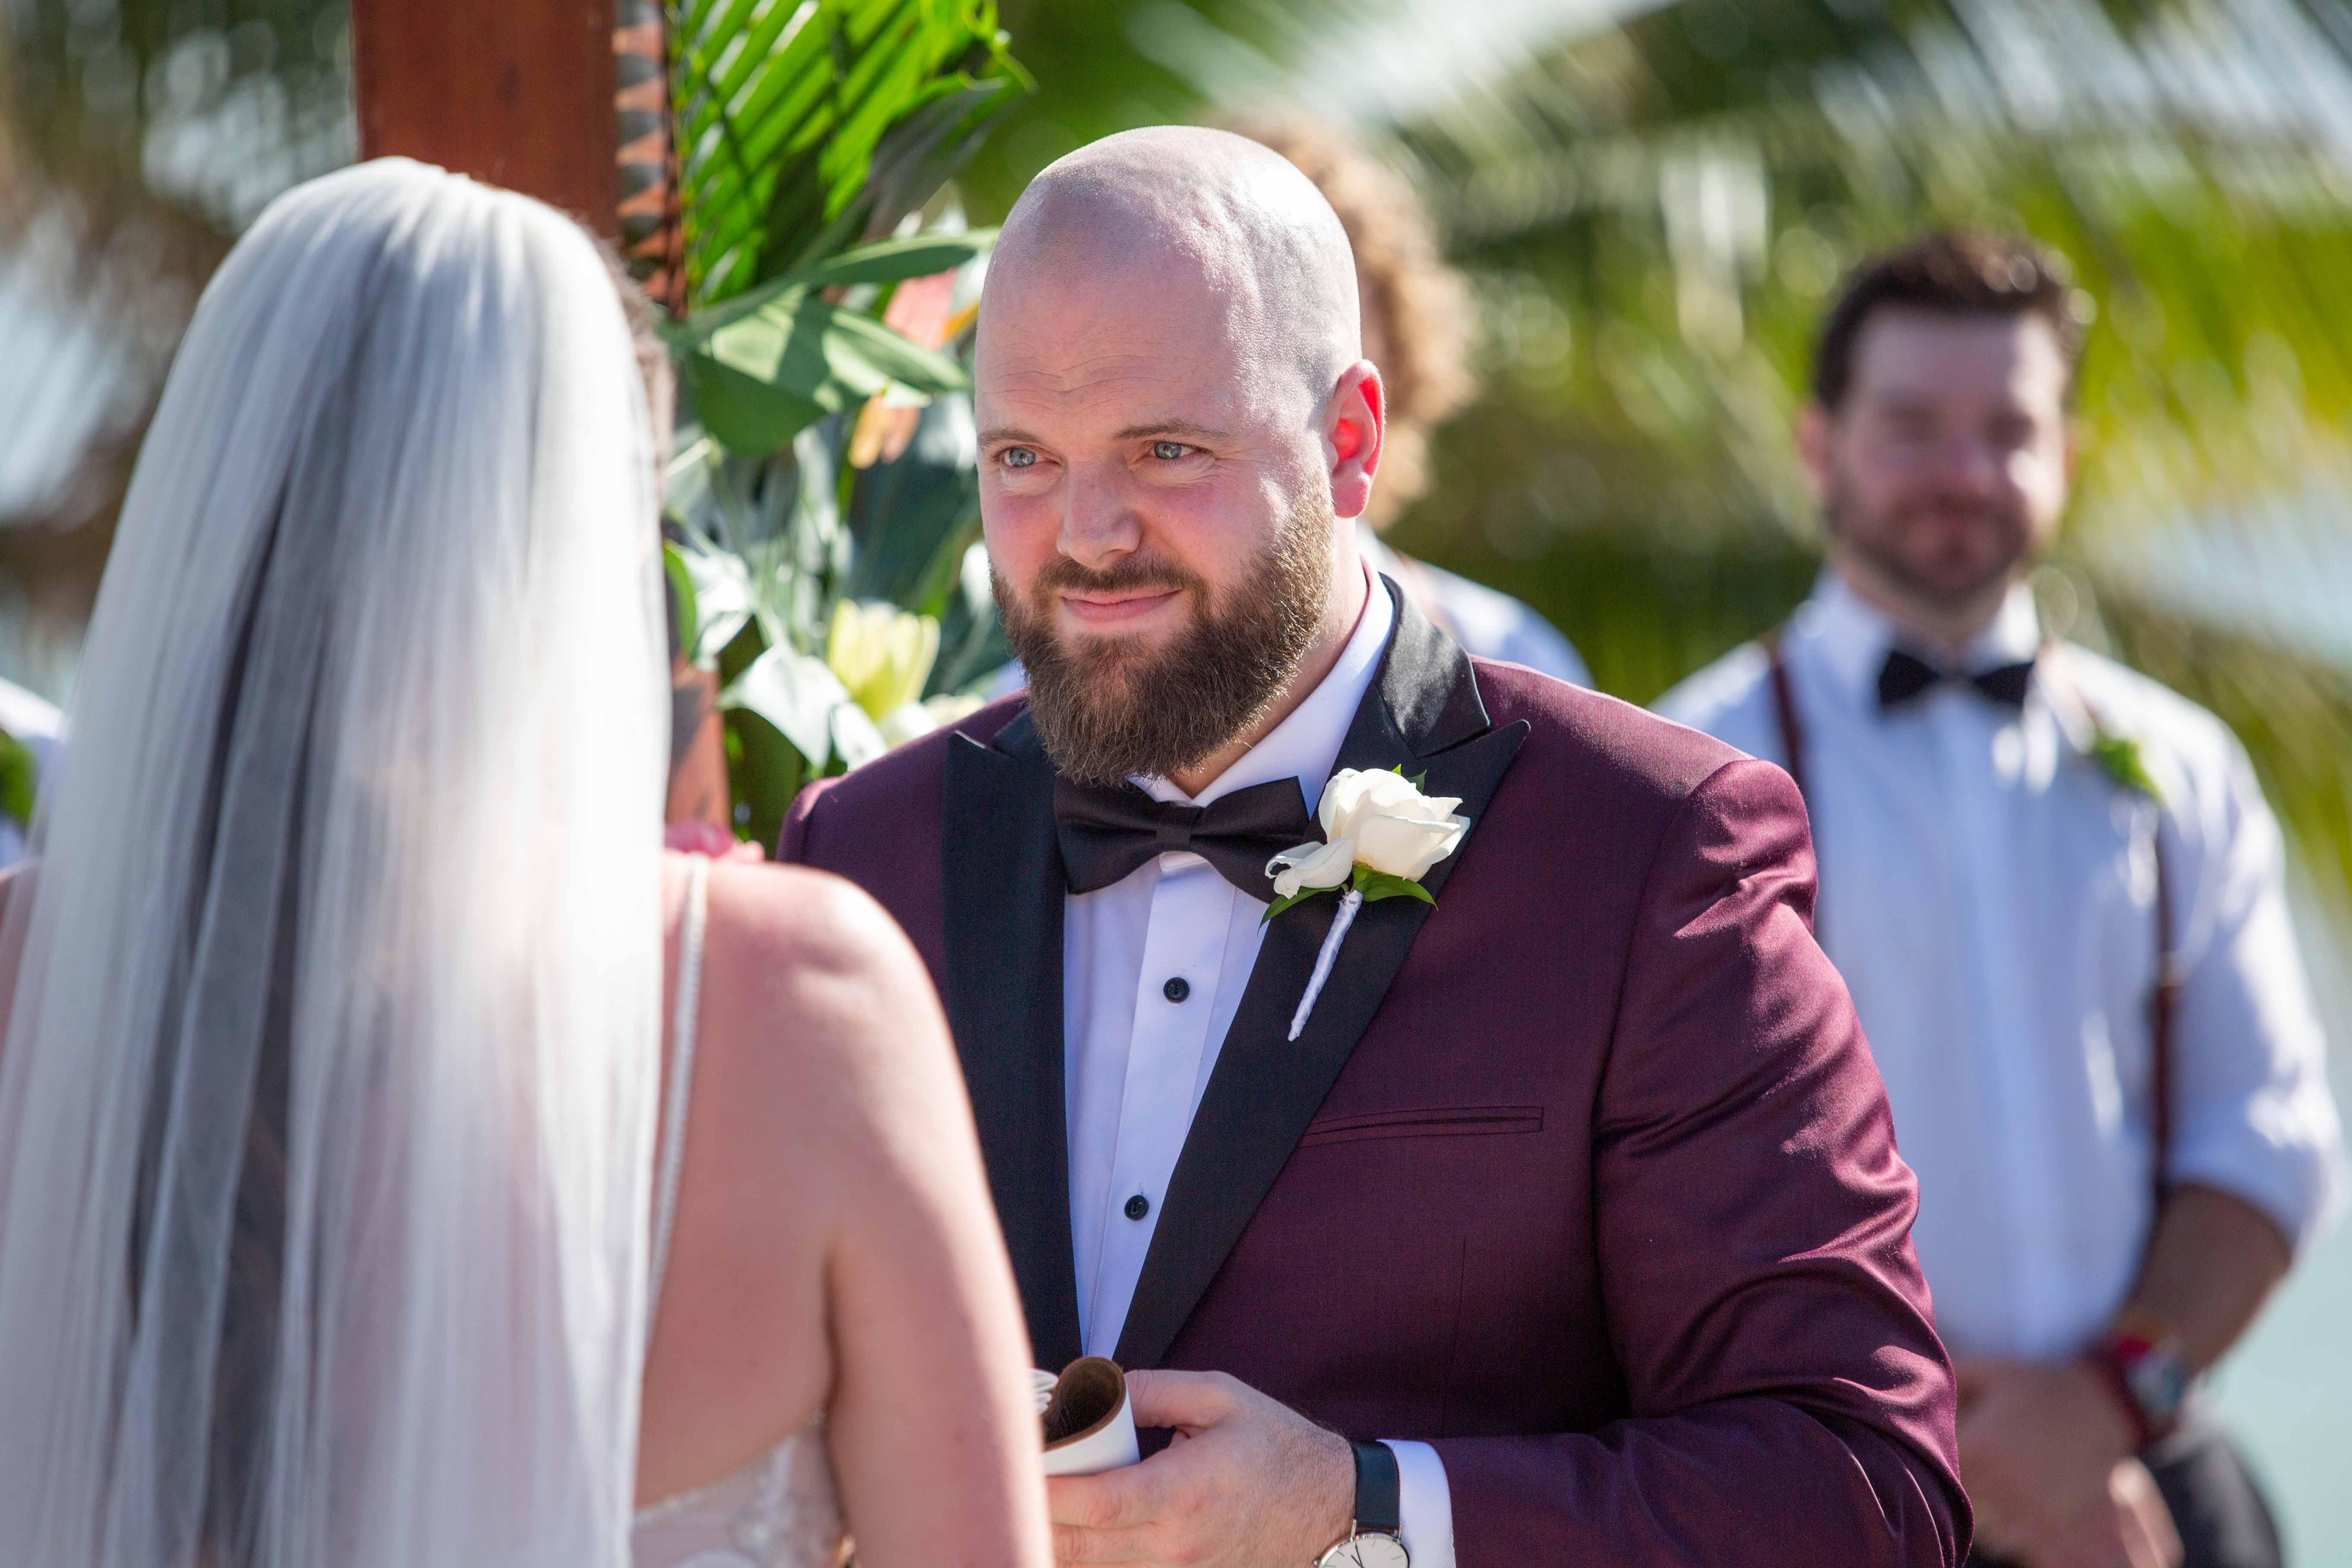 Jenn Colin Dreams Tulum Wedding 22 - Jennifer & Colin - Dreams Tulum